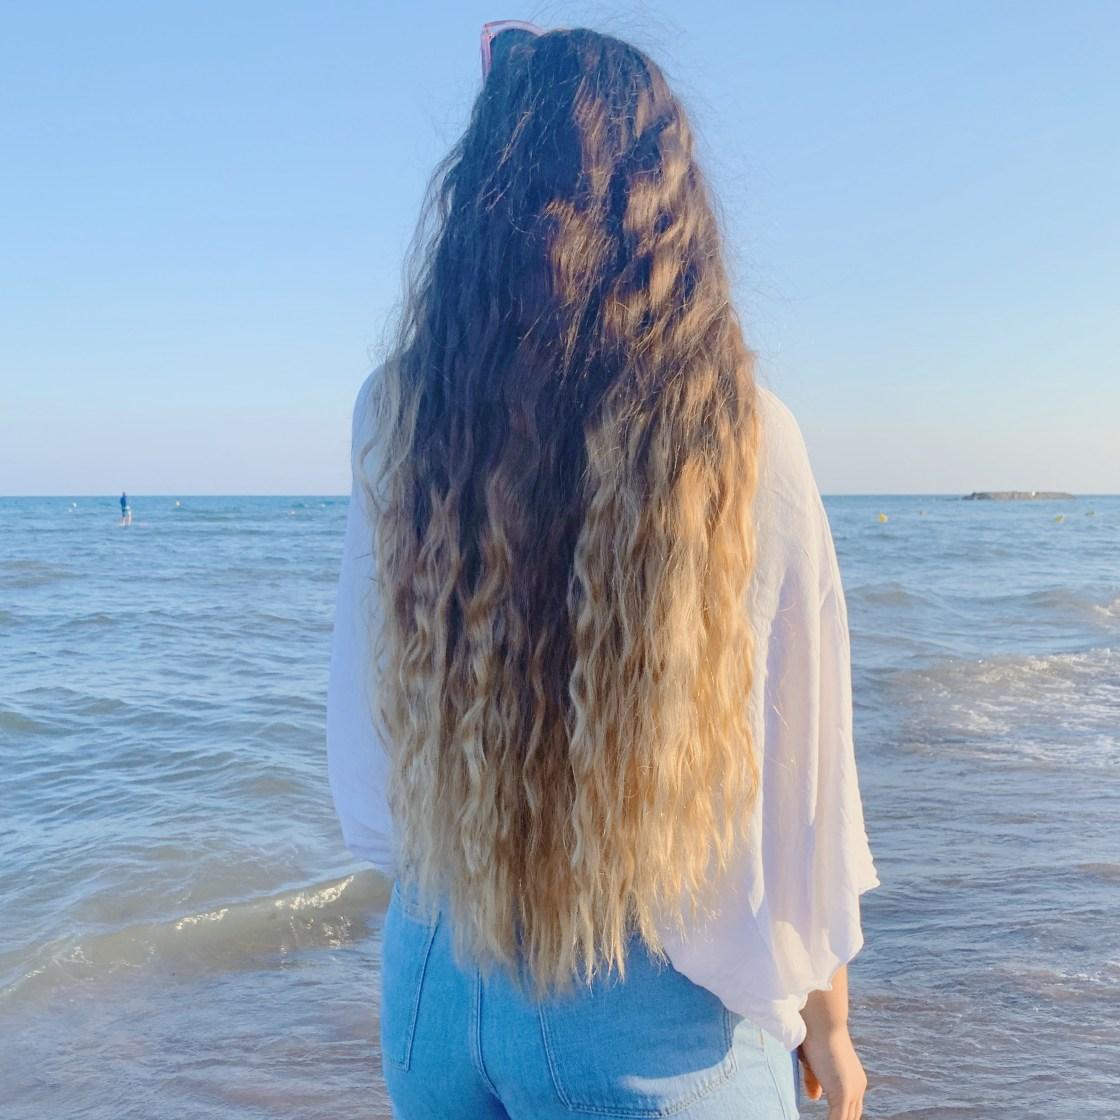 Au bord de l'eau, face à la plage pour parler du Bilan 2019